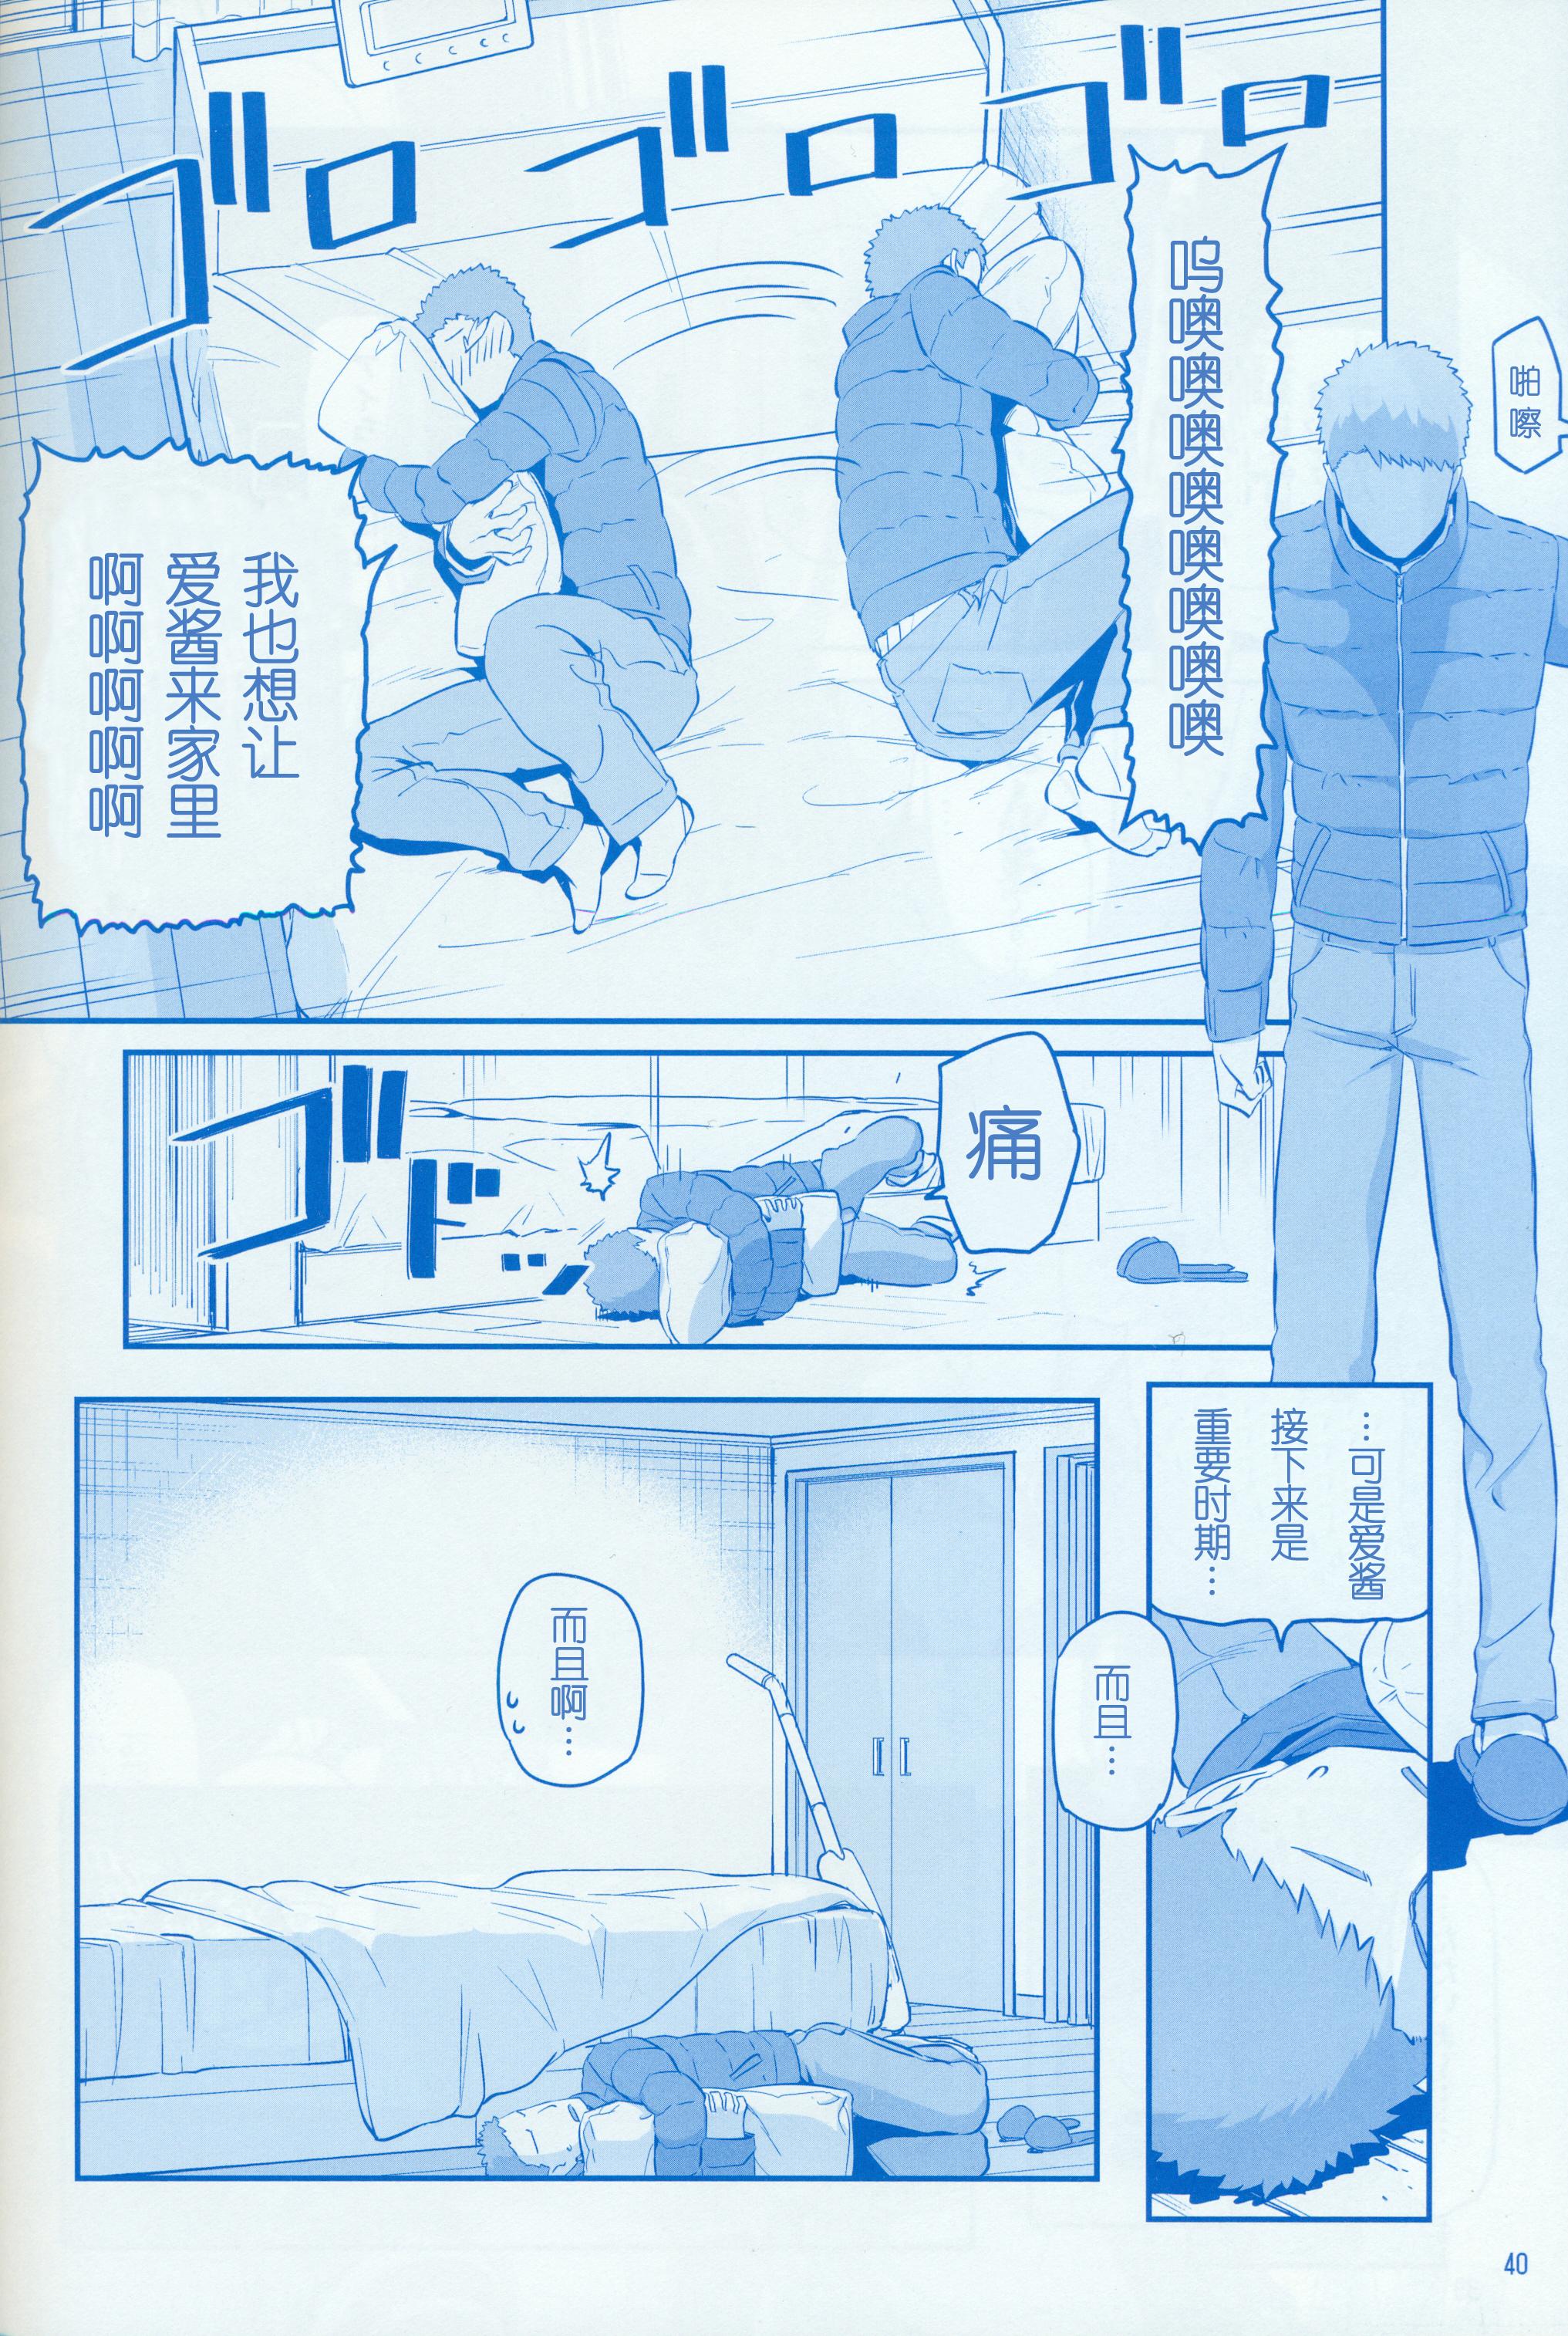 比村奇石 月曜日のたわわ そのVI 漫画下载 周一的丰满 比村奇石 第5张